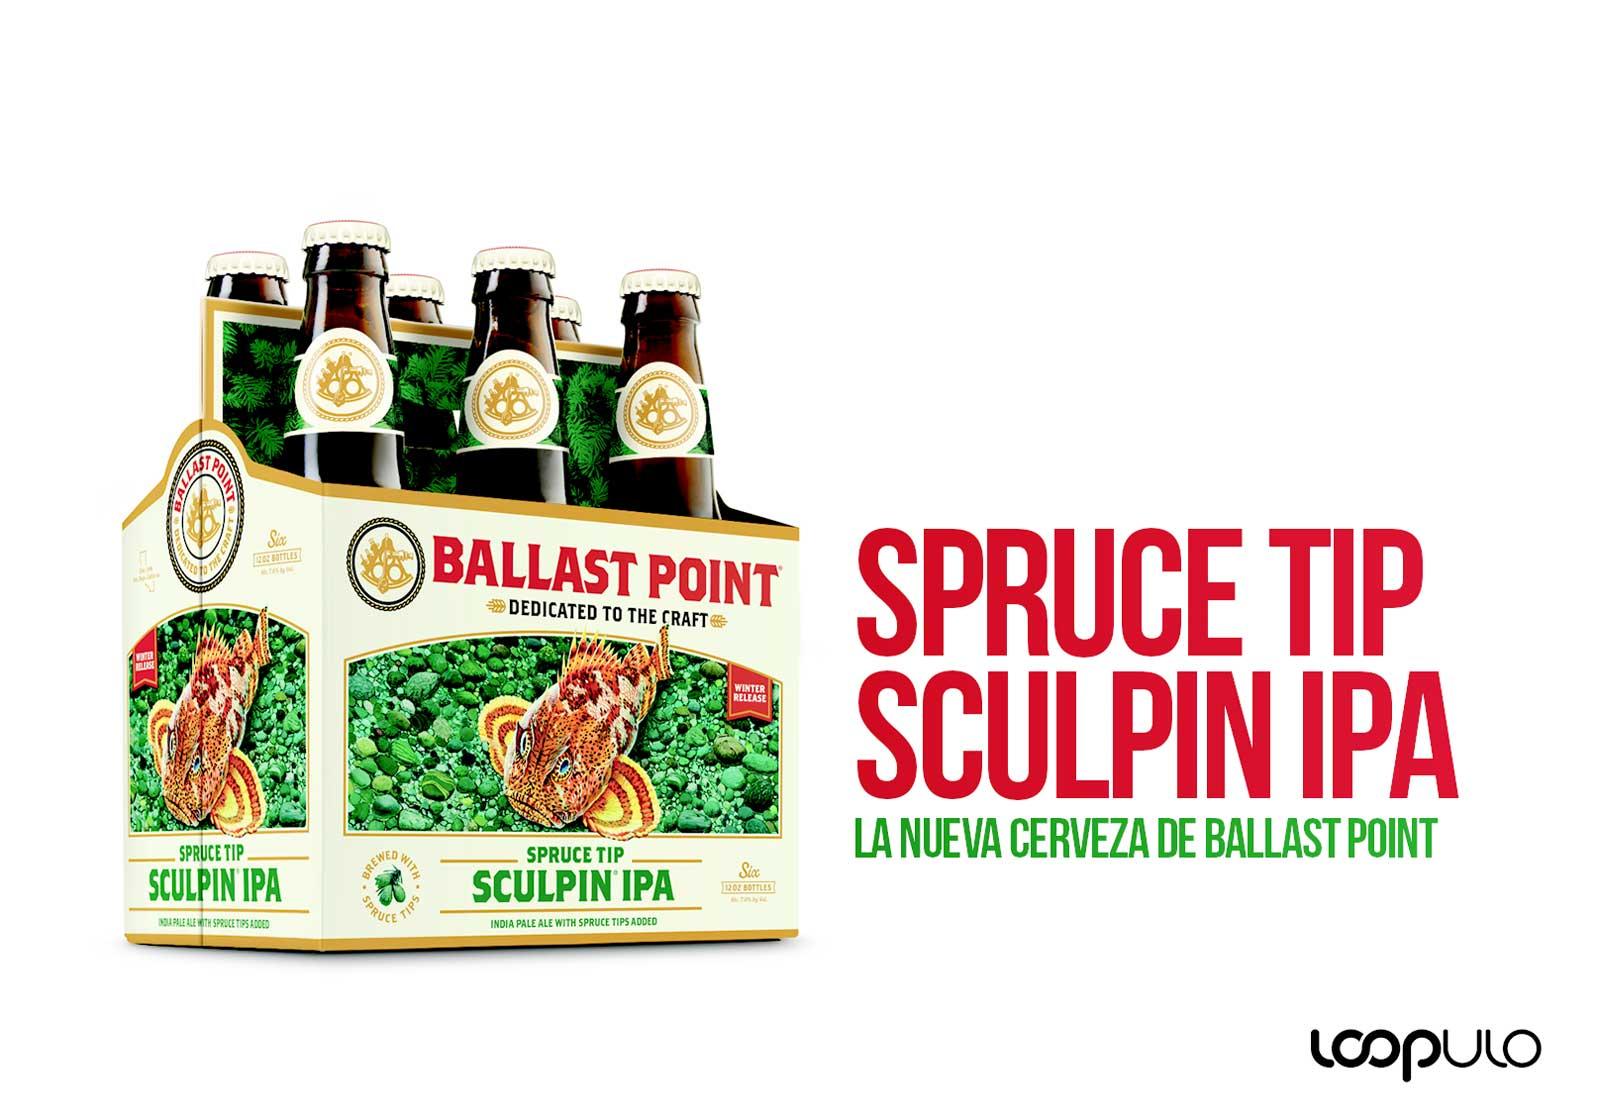 Spruce Tip Sculpin IPA, la nueva cerveza de Ballast Point – Loopulo